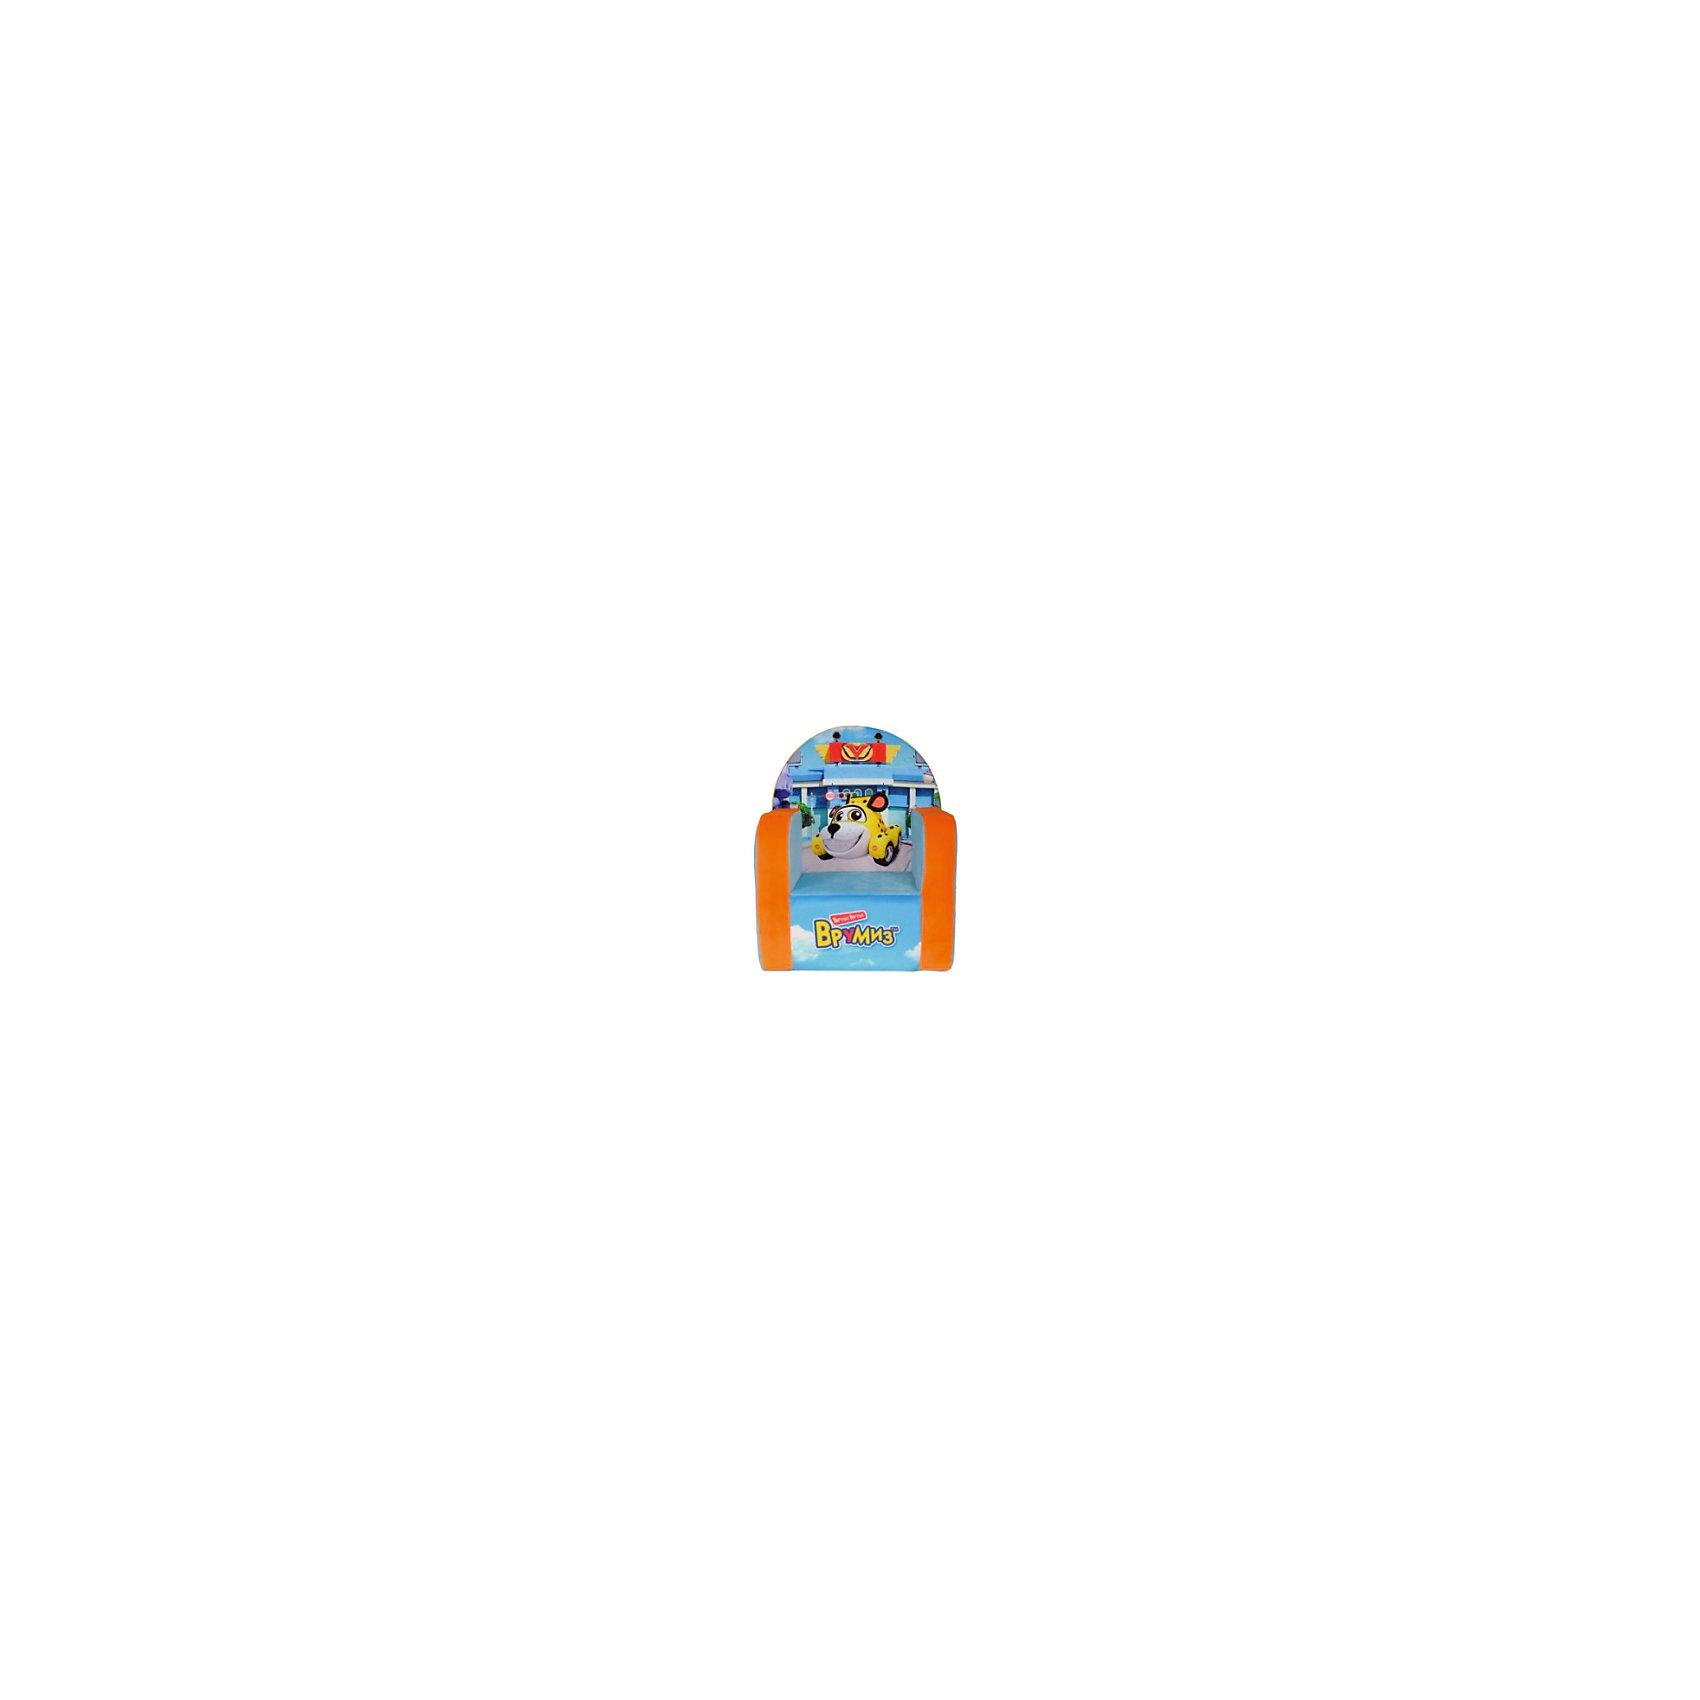 Кресло, Врумиз, голубойМебель<br>Характеристики товара:<br><br>• цвет: голубой<br>• размер (ВхШхГ): 36х42х53см<br>• возраст: с 3 лет<br>• материал:текстиль, поролон<br>• страна бренда: Россия<br>• вес: 1075гр<br><br>Высокая устойчивость благодаря широкой площади соприкосновения с полом.<br><br>Внутри кресла нет жестких деталей, что делает его безопасным.<br><br>С изображением героев известного мультфильма Врумиз.<br><br>Станет отличным дополнением интерьера детской комнаты.<br><br> Кресло, Врумиз, голубой можно купить в нашем интернет-магазине.<br><br>Ширина мм: 360<br>Глубина мм: 420<br>Высота мм: 530<br>Вес г: 1075<br>Возраст от месяцев: 36<br>Возраст до месяцев: 1188<br>Пол: Унисекс<br>Возраст: Детский<br>SKU: 6727941